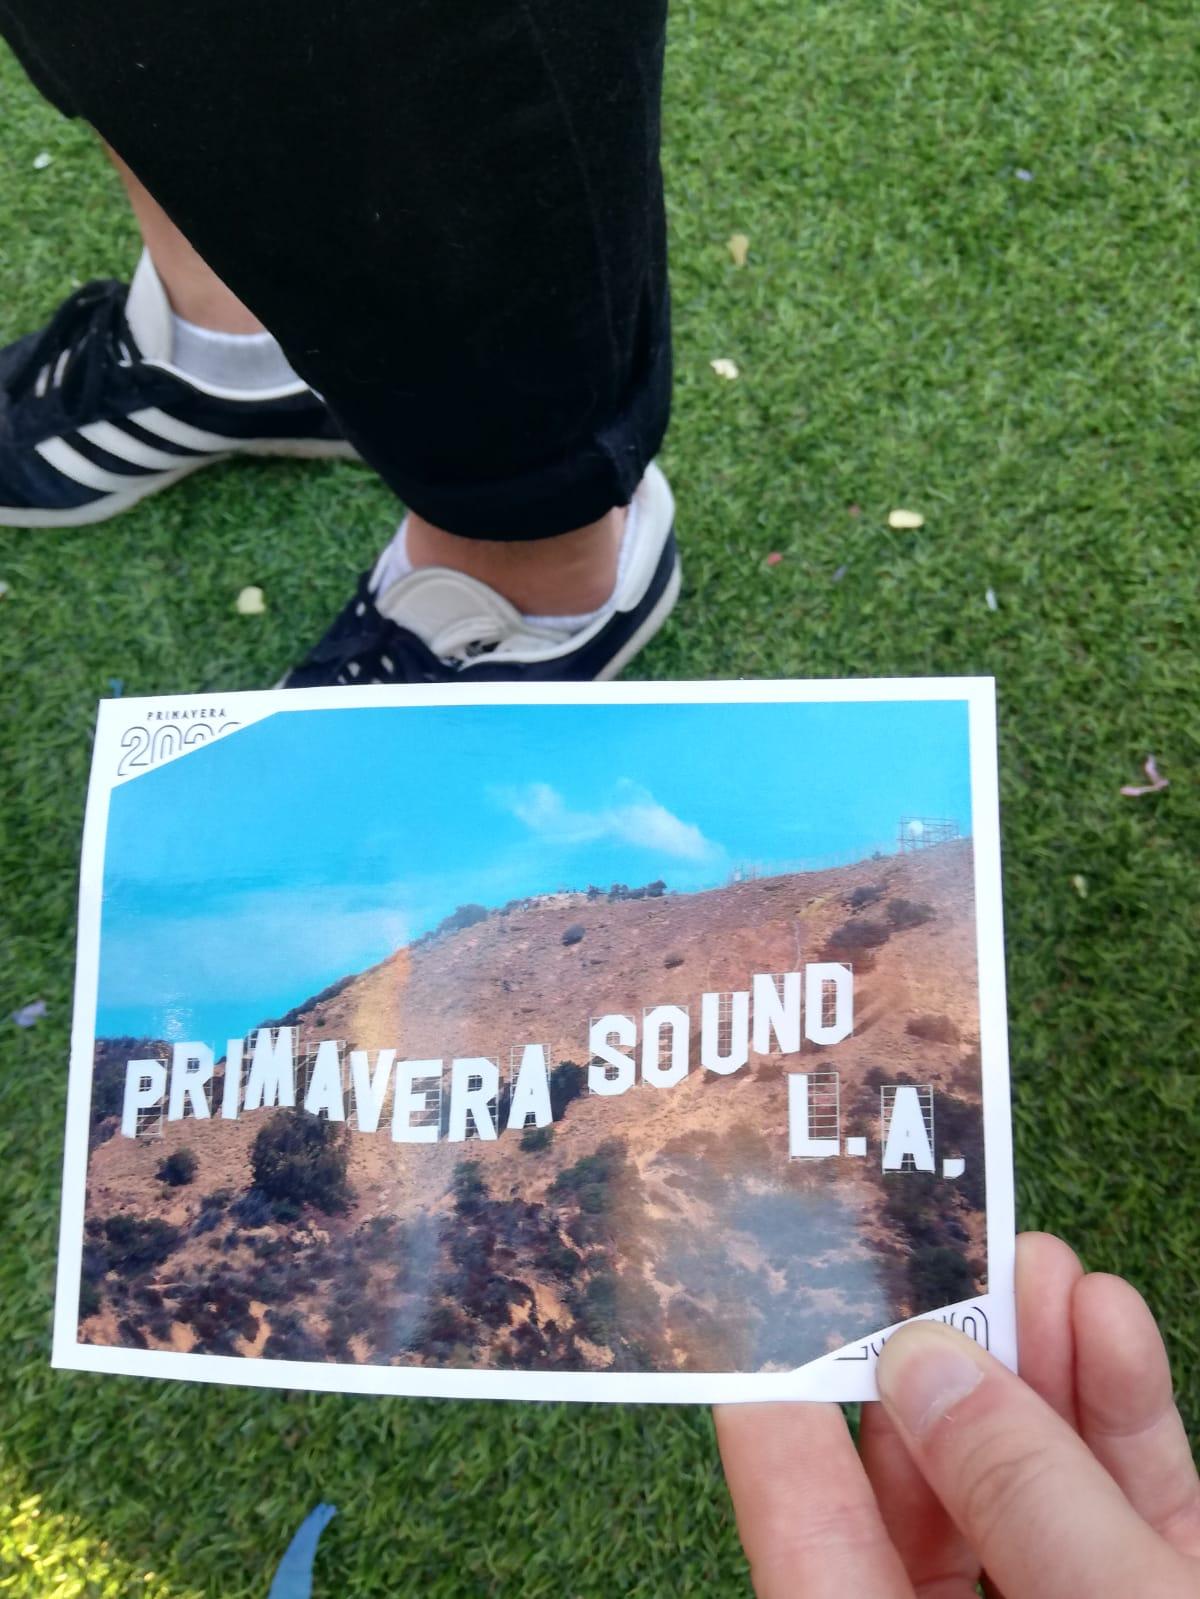 ¡Ah joder! ¡Primavera Sound llega a Los Ángeles en 2020!